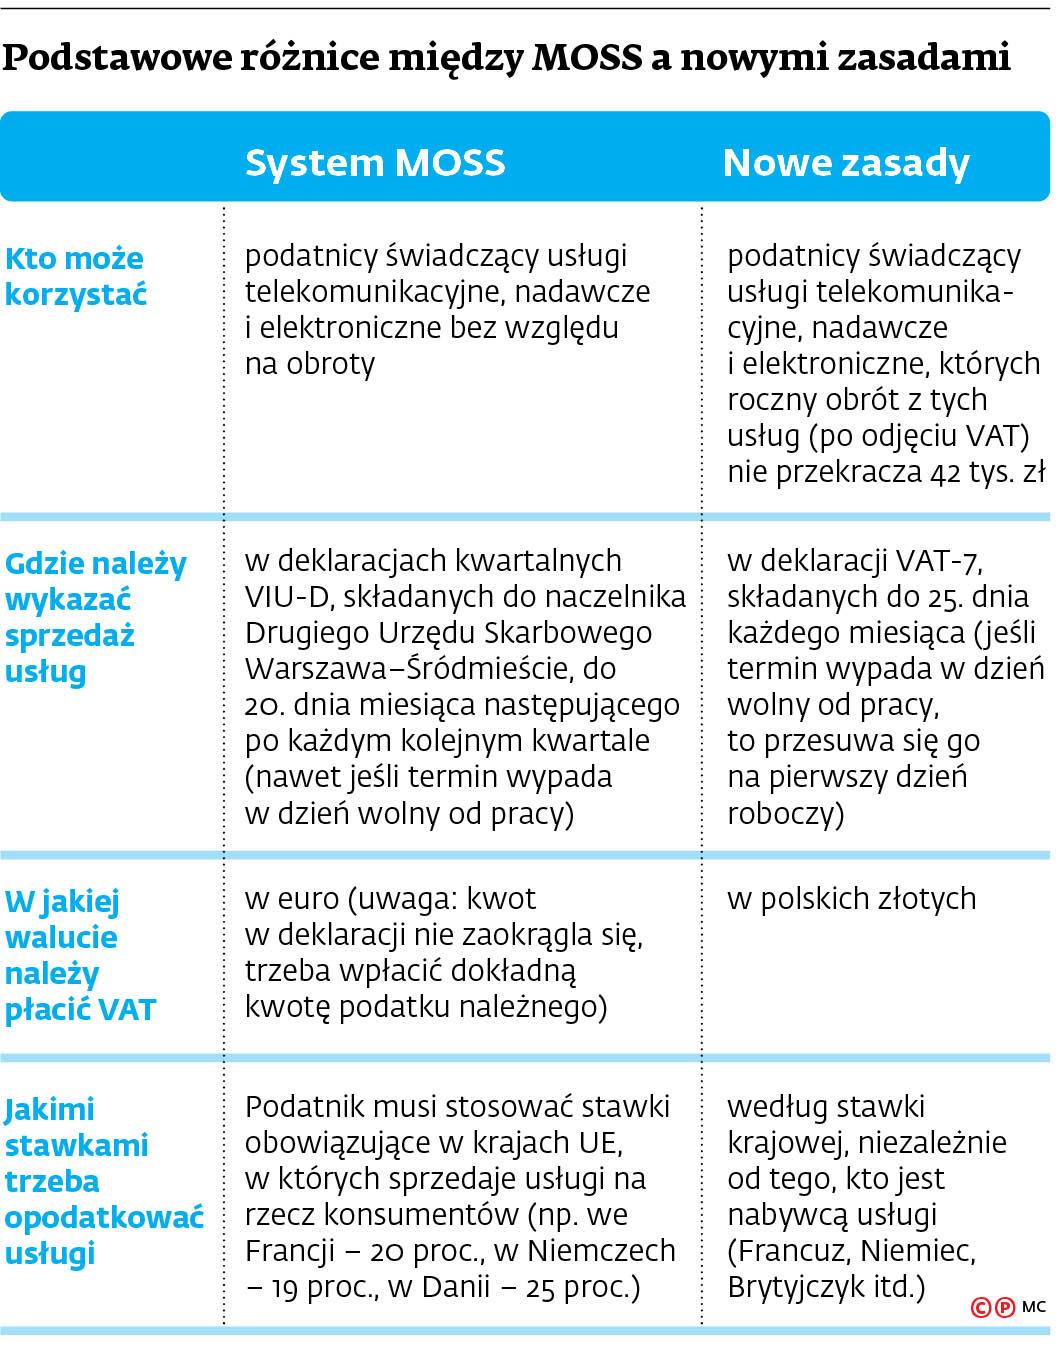 Podstawowe różnice między MOSS a nowymi zasadami